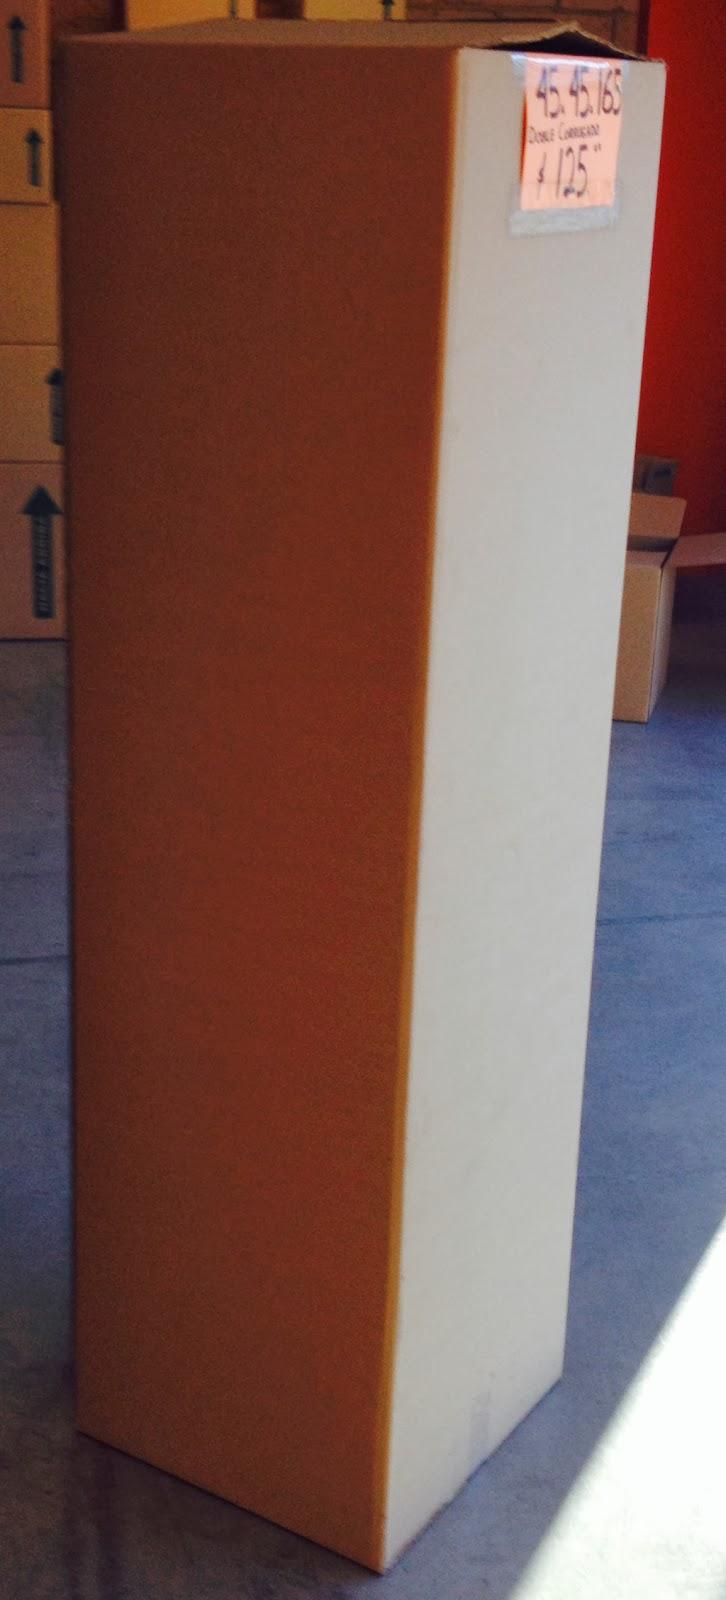 Cajas de cart n el cedro corrugado df y gdl caja para for Arbol de navidad con cajas de carton